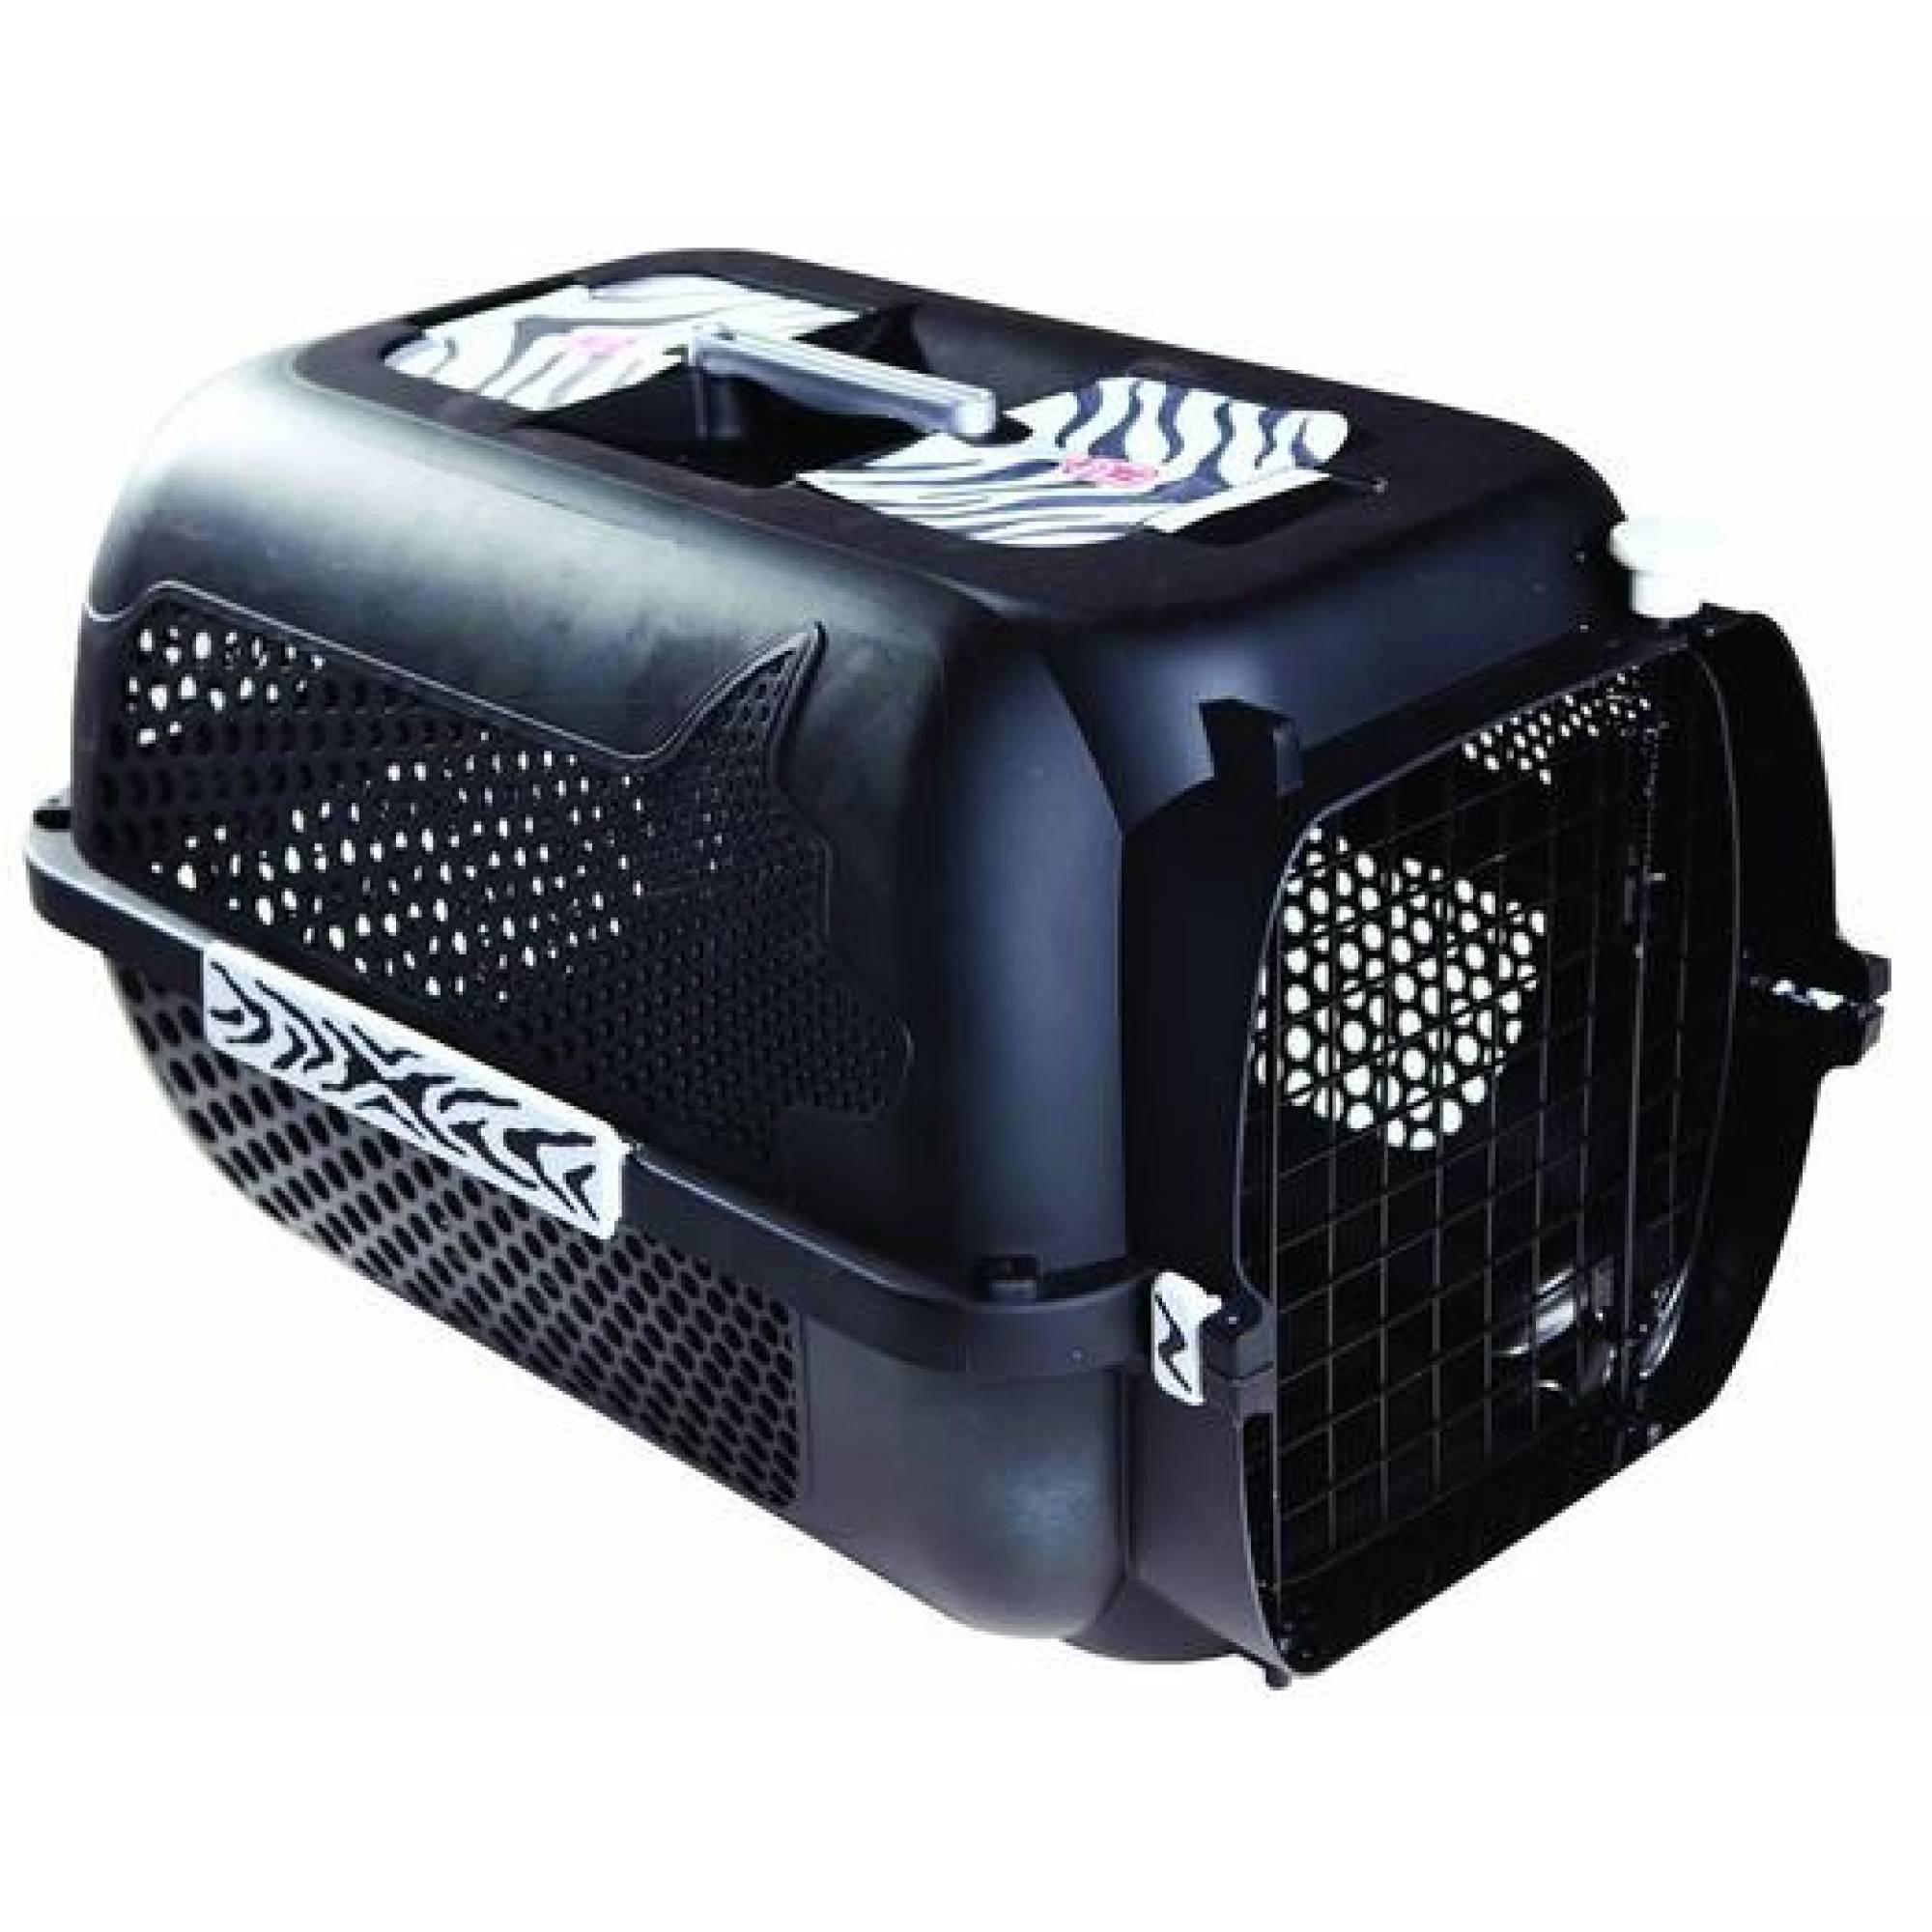 Catit Voyageur 100 Black Tiger Accents